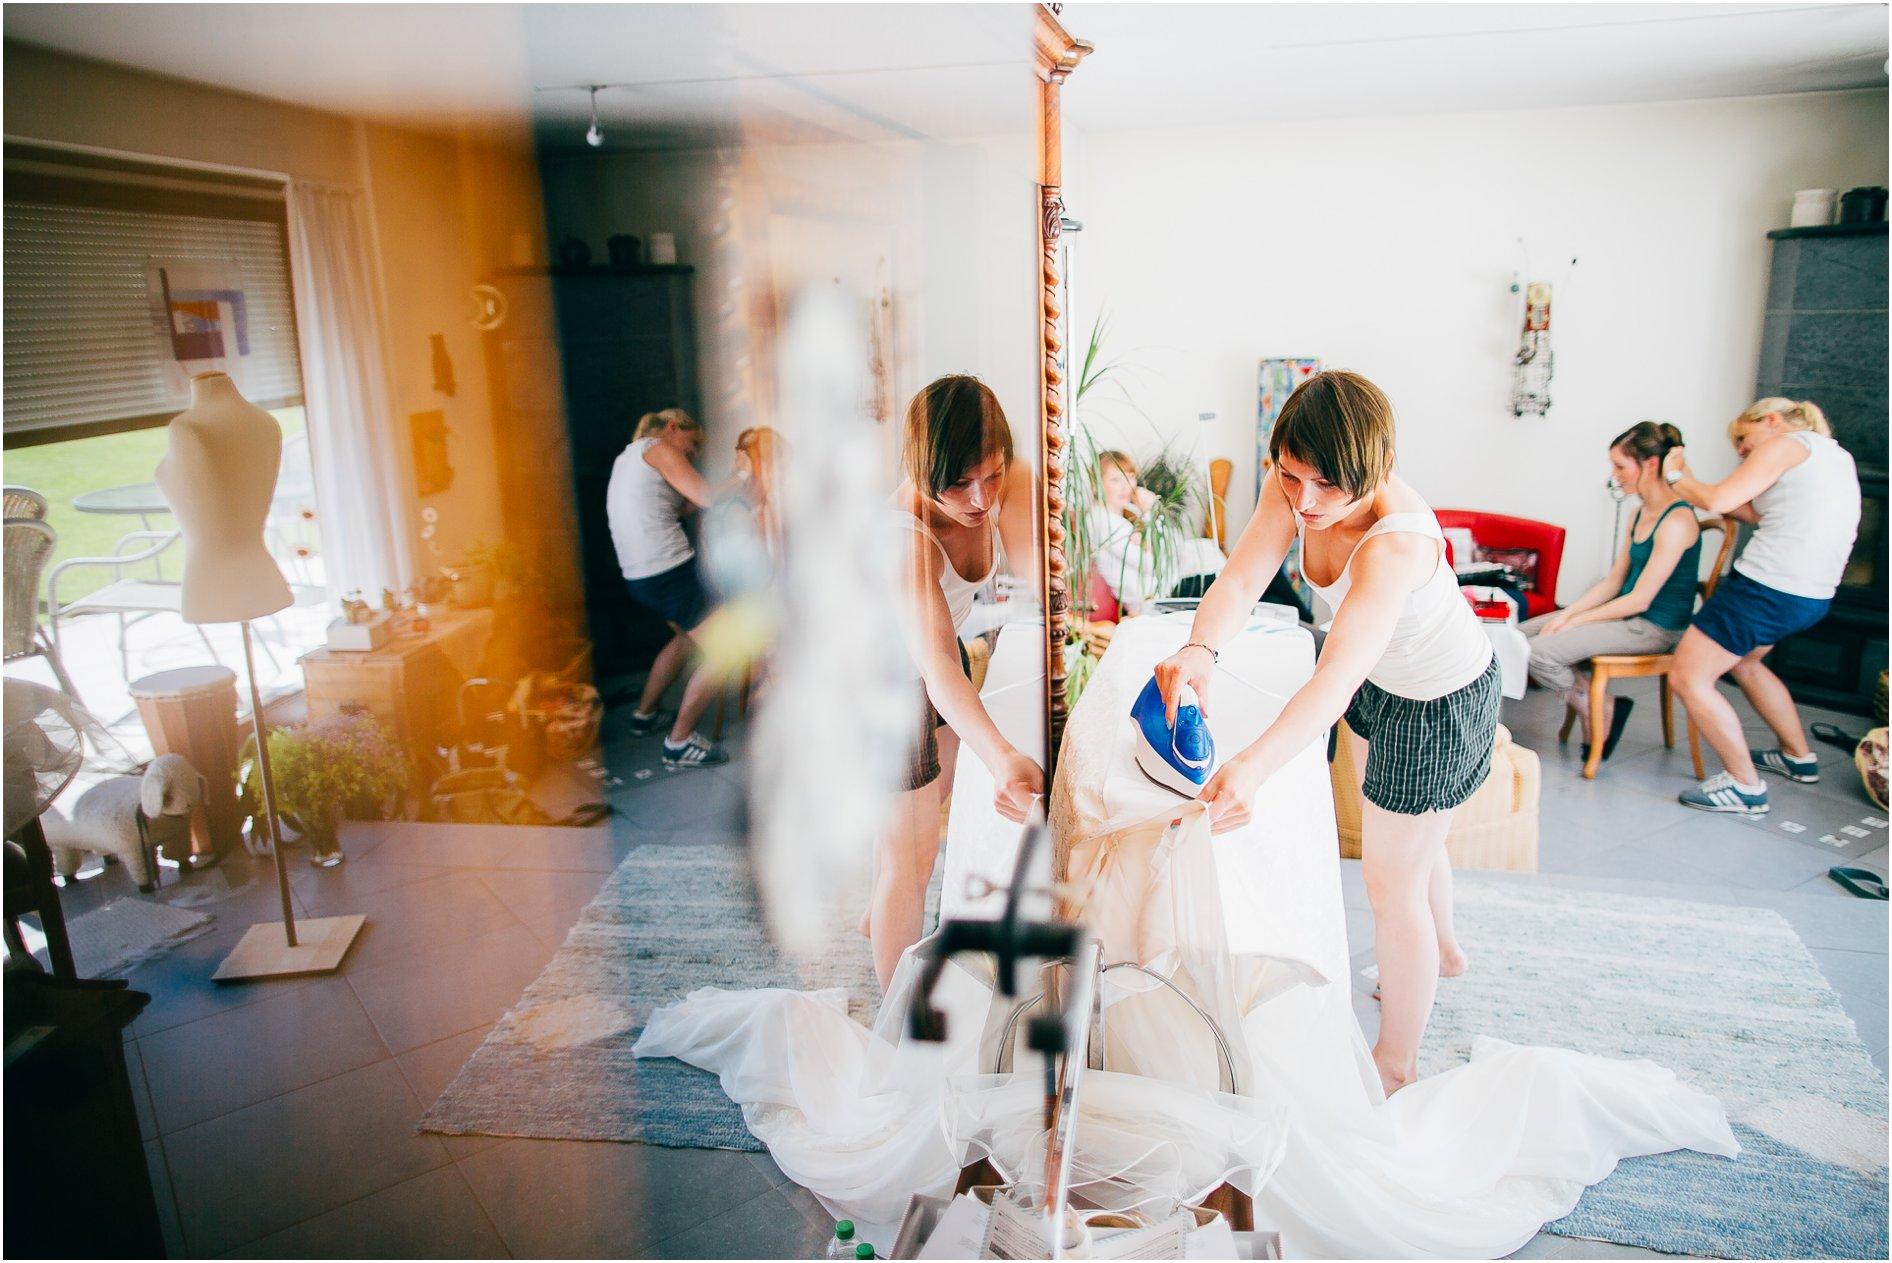 2014-08-07_0004 Wiebke und Marcio - Hochzeitsfotograf in Lüneburg